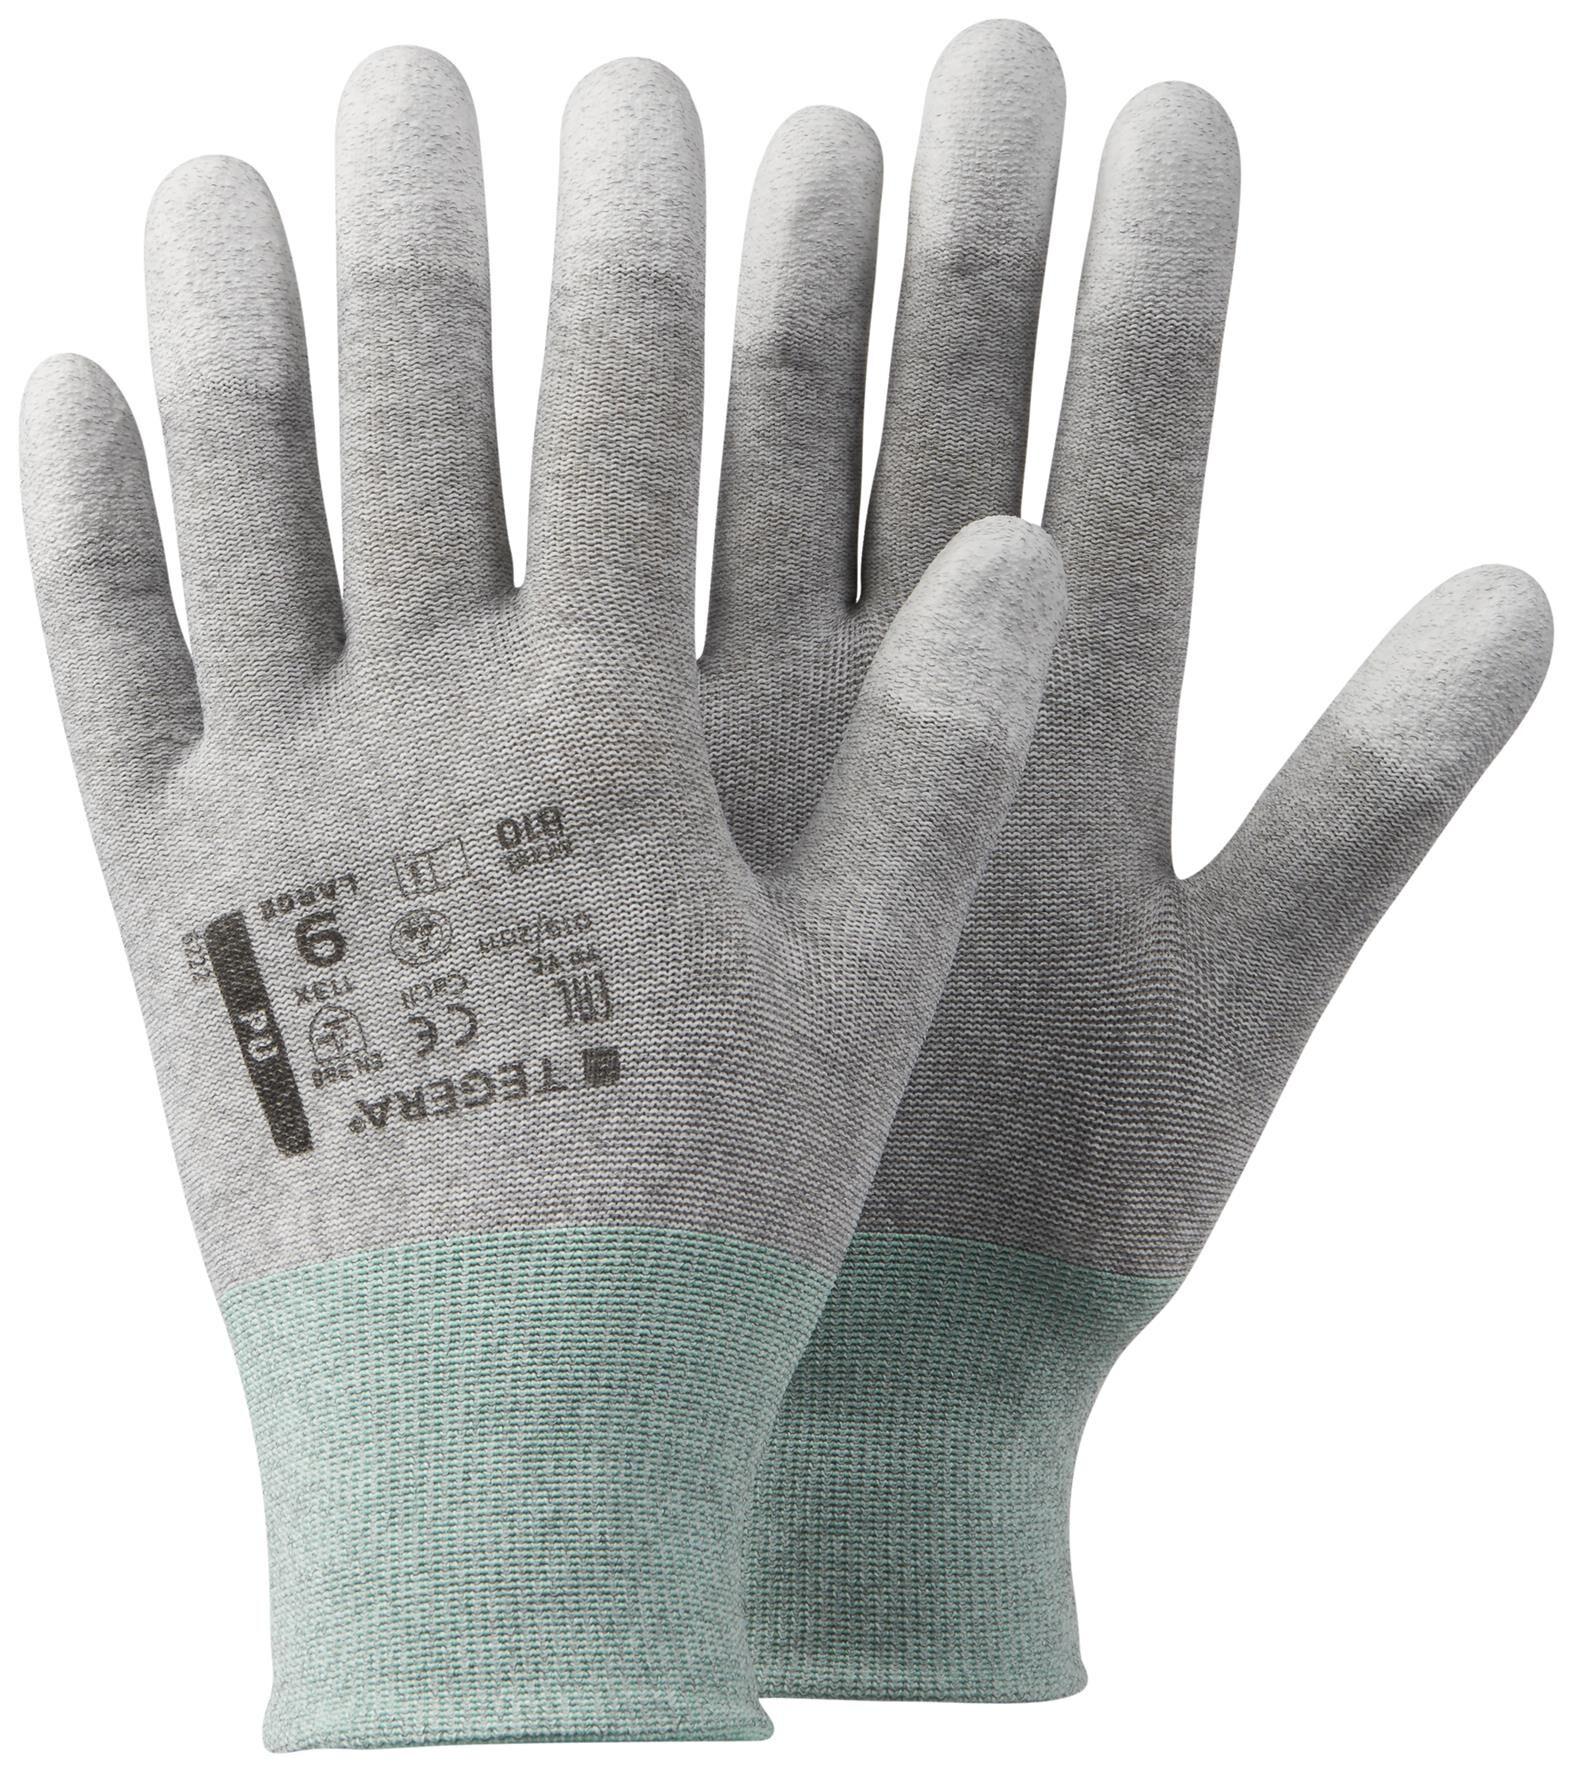 Tegera 810 Käsineet Nailon Koko 8